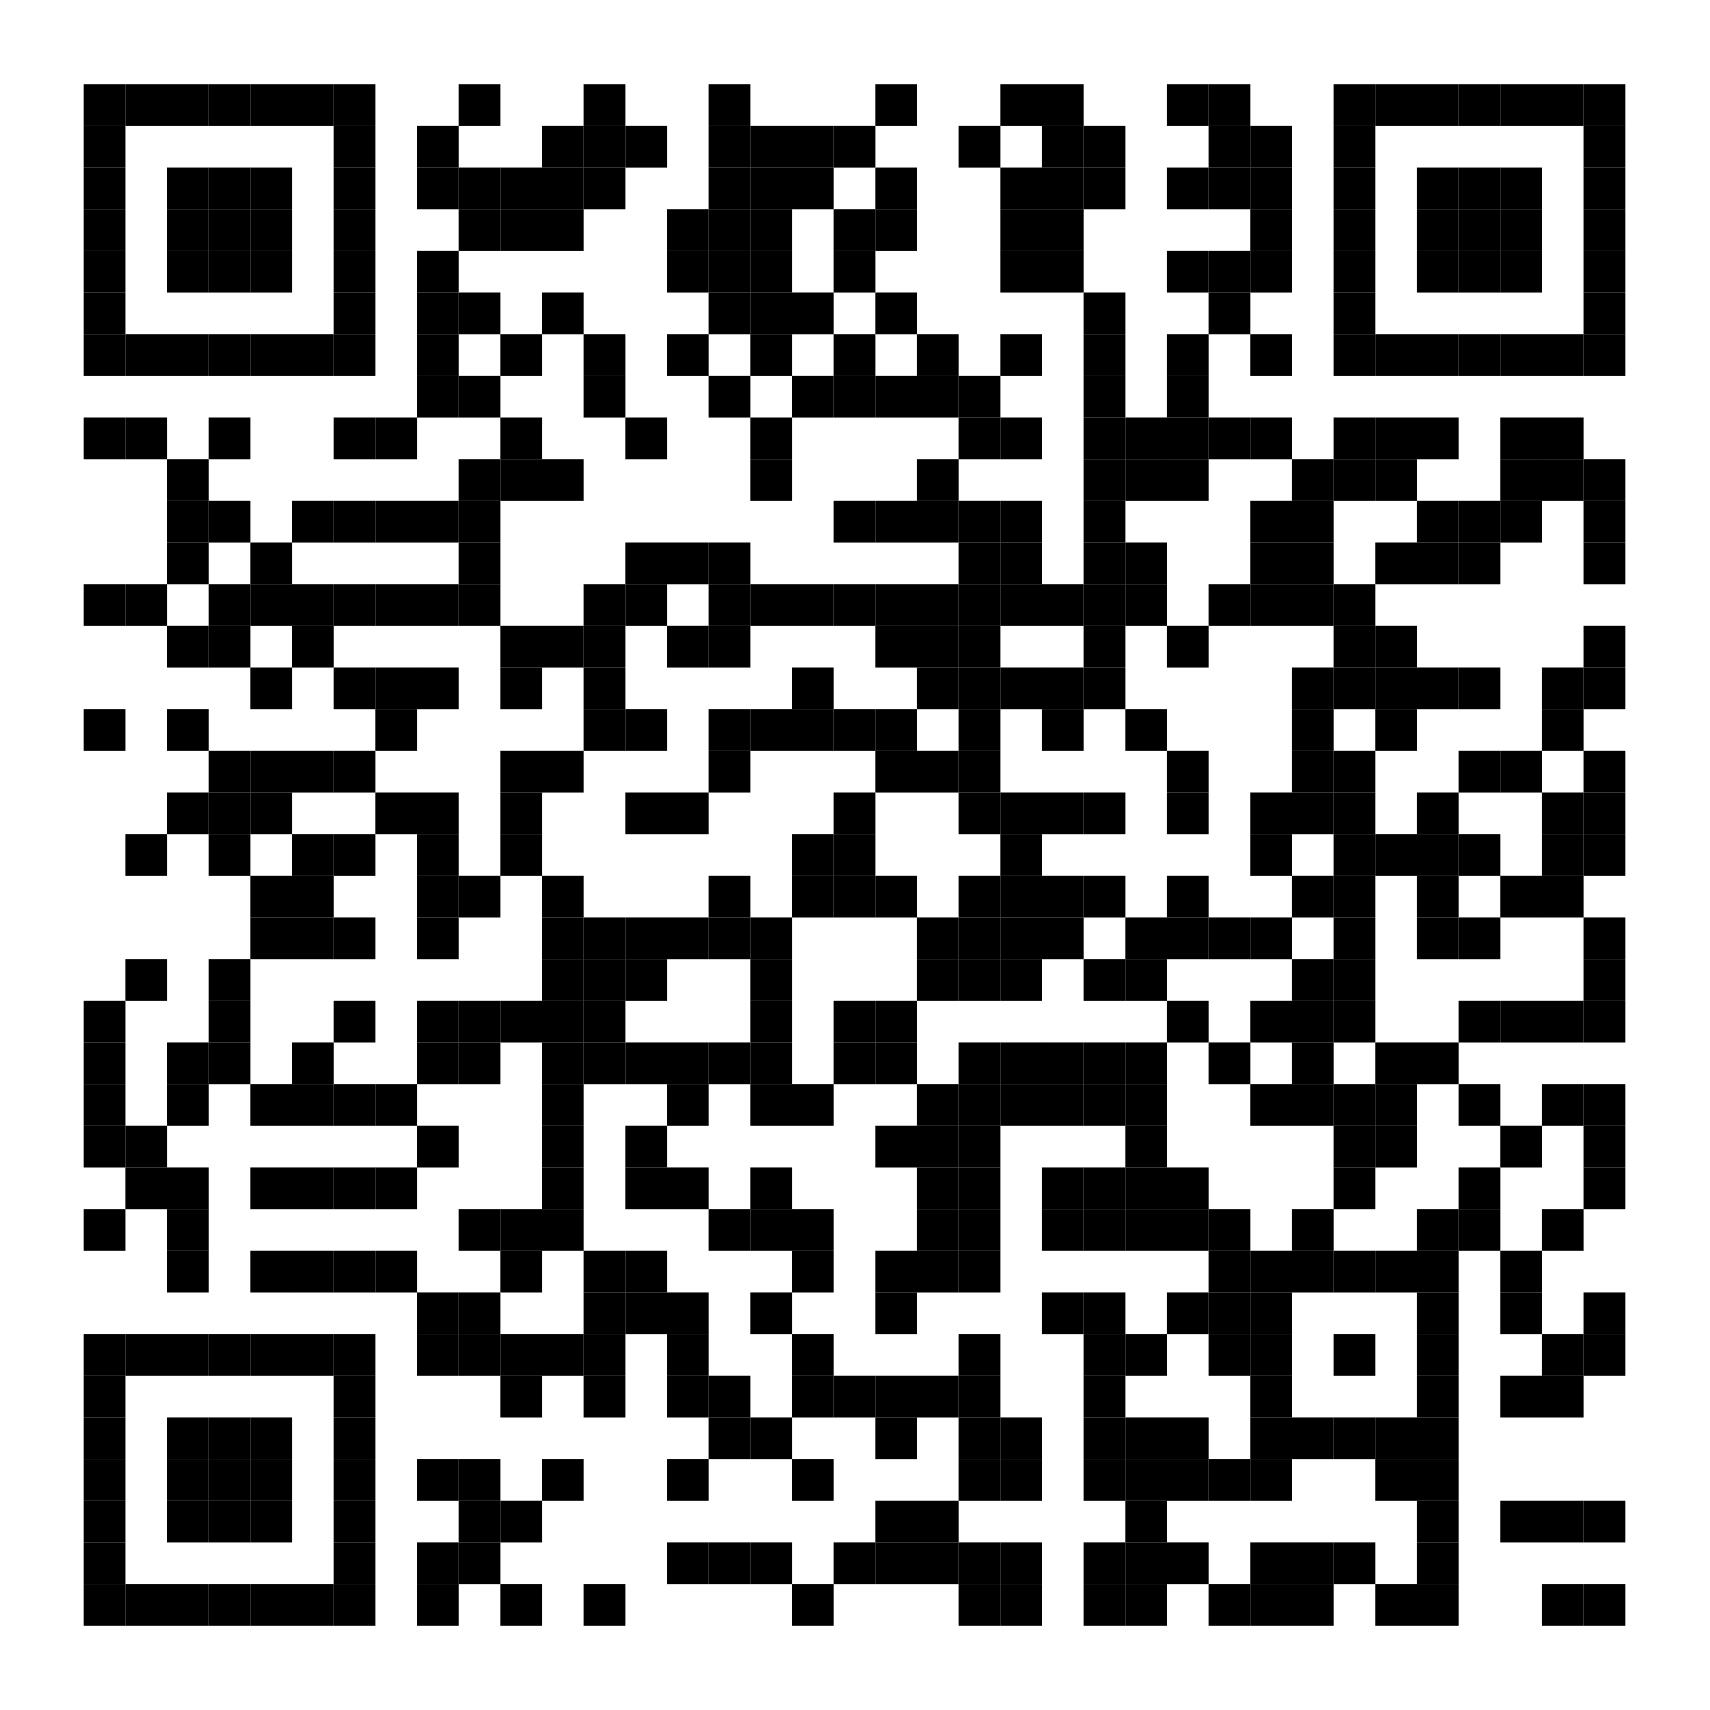 Gesangbuch QR Code